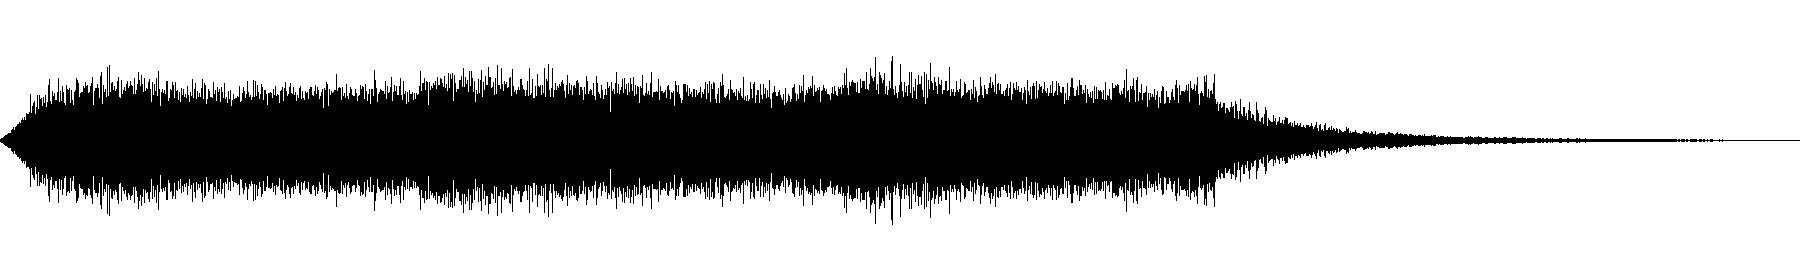 organ d7